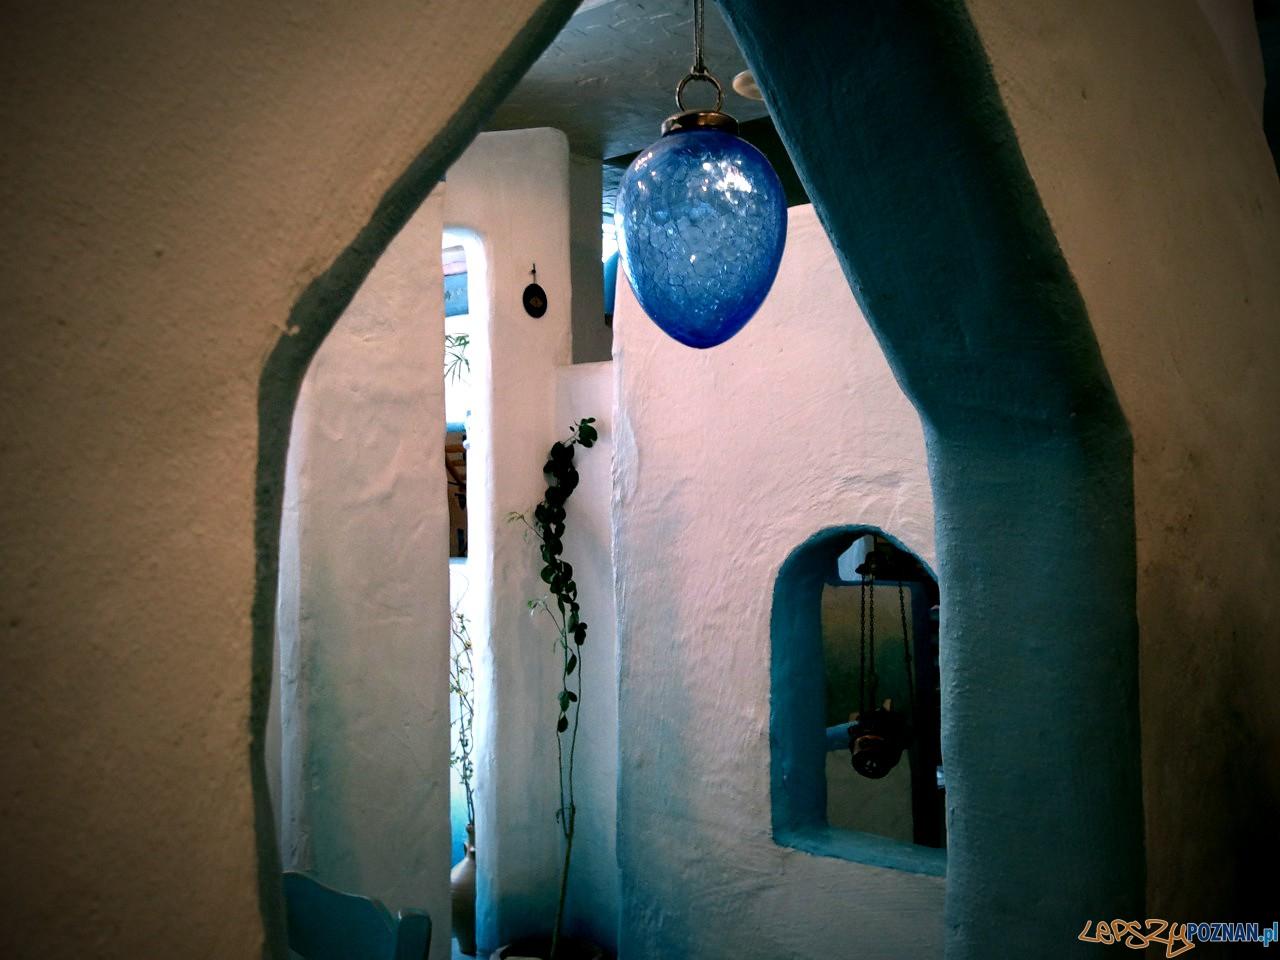 Wnętrze restauracji Mykonos  Foto: lepszyPOZNAN.pl / ag